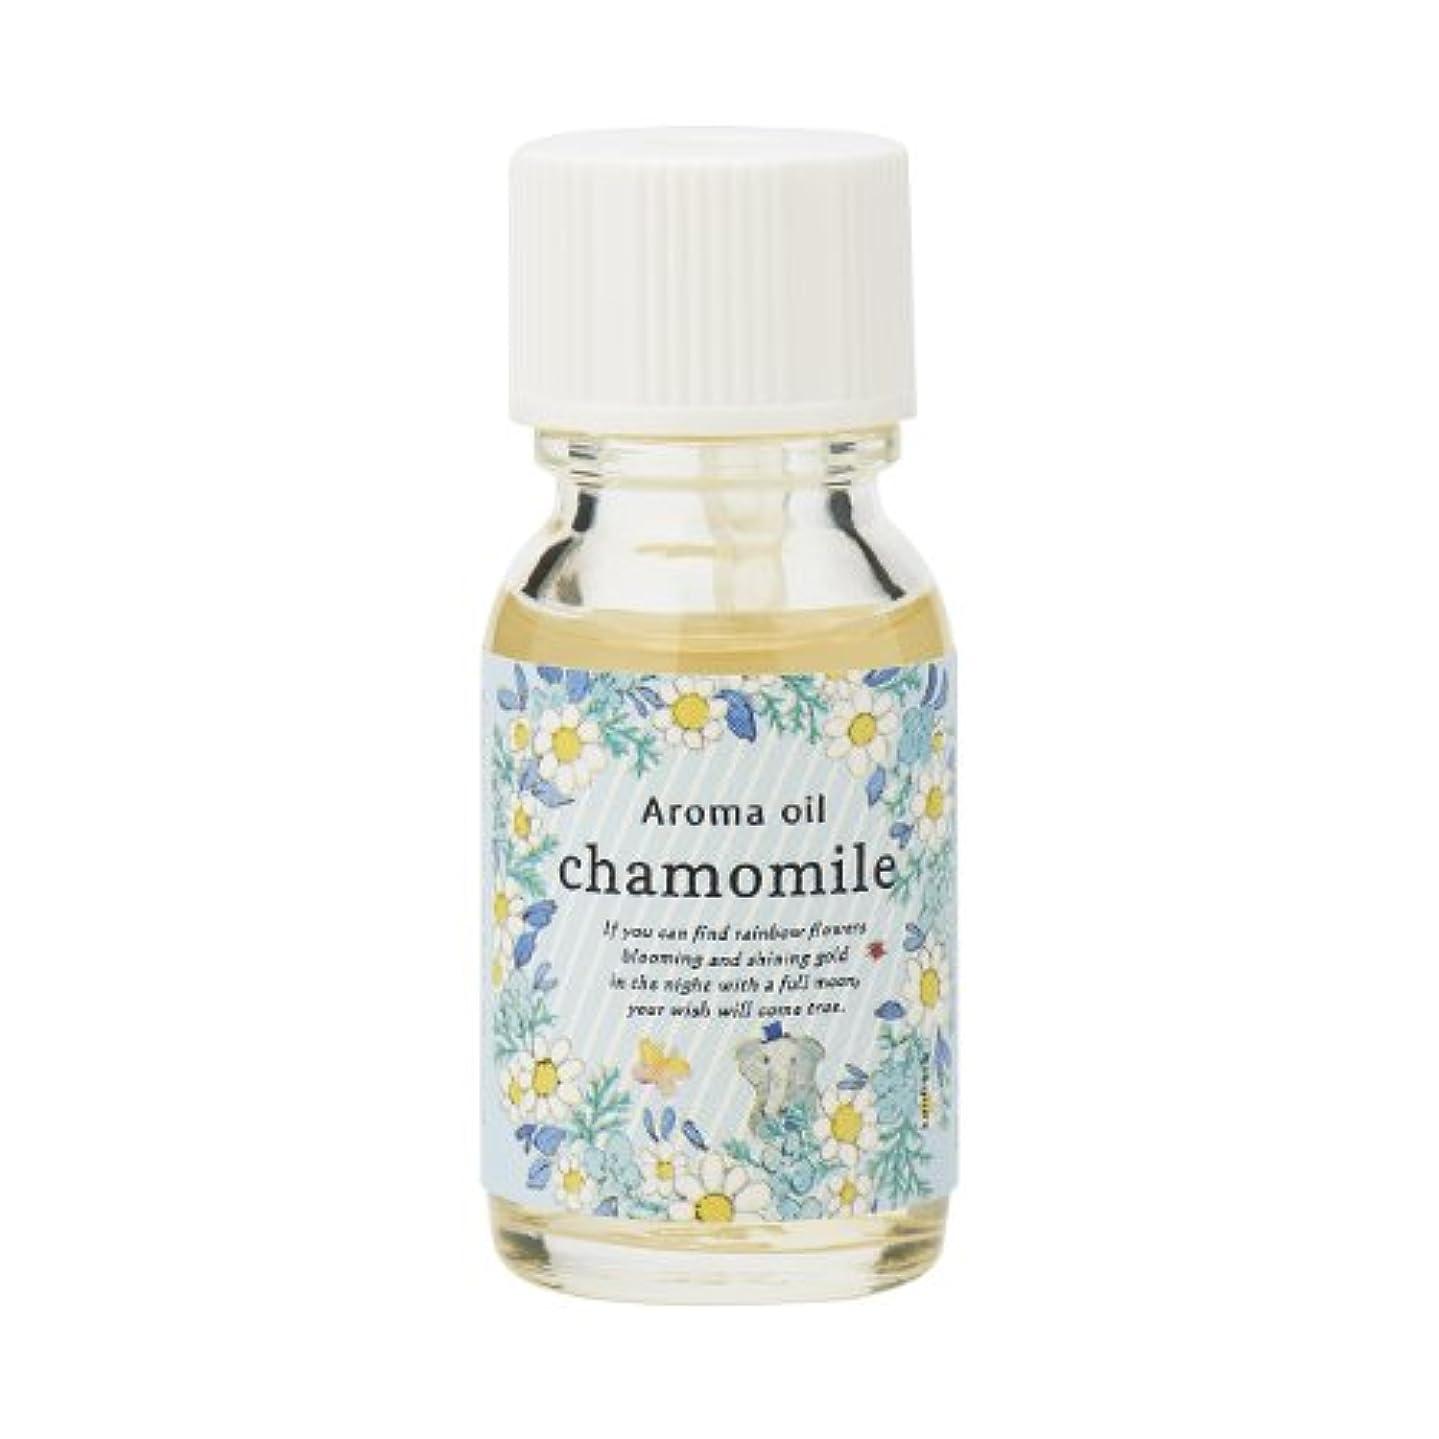 才能のある店主普及サンハーブ アロマオイル カモマイル 13ml(やさしく穏やかな甘い香り)